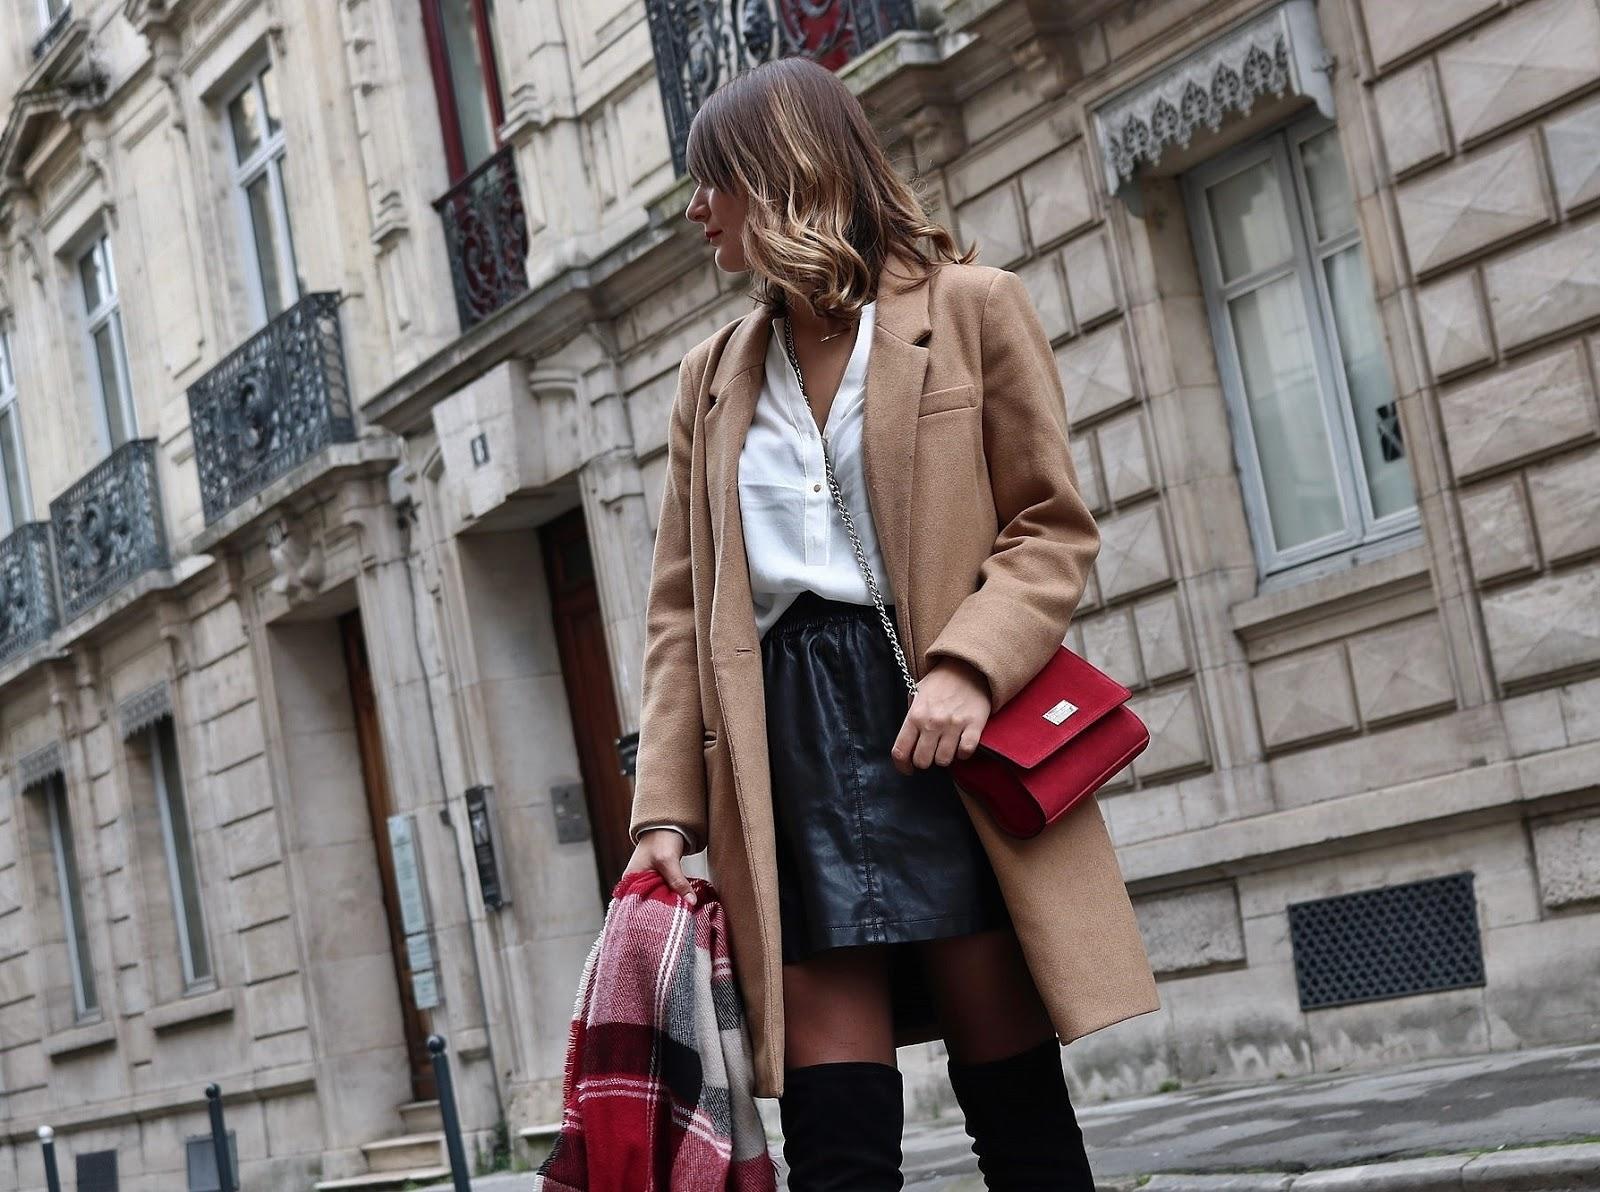 pauline dress blog mode déco lifestyle besancon tenue octobre 2017 cuissardes jupe similicuir blouse blanche manteau camel sac rouge grosse echarpe